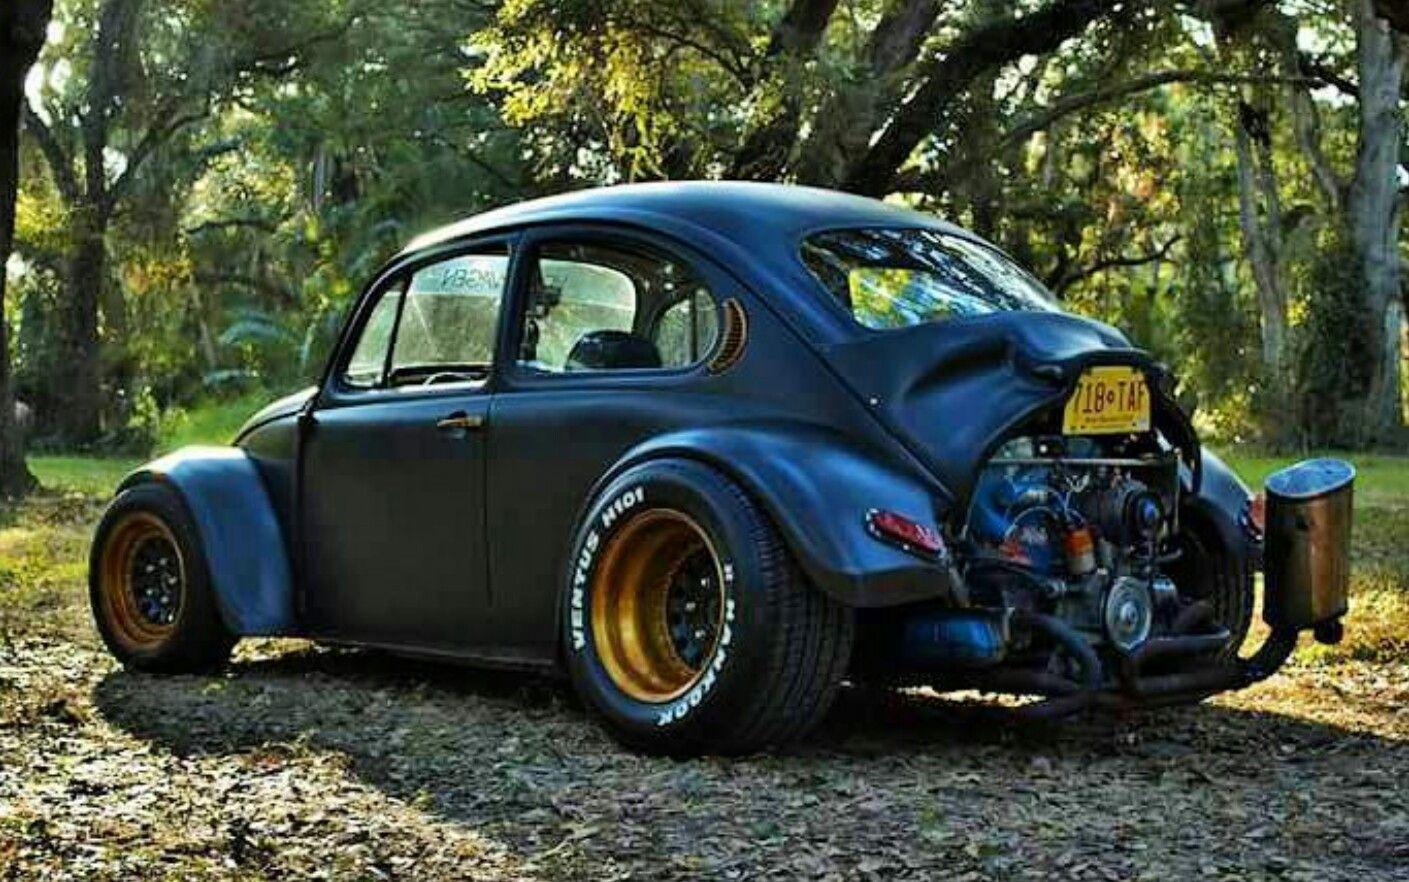 vw bug baja sport | vw beetle / baja bug | pinterest | vw, beetles